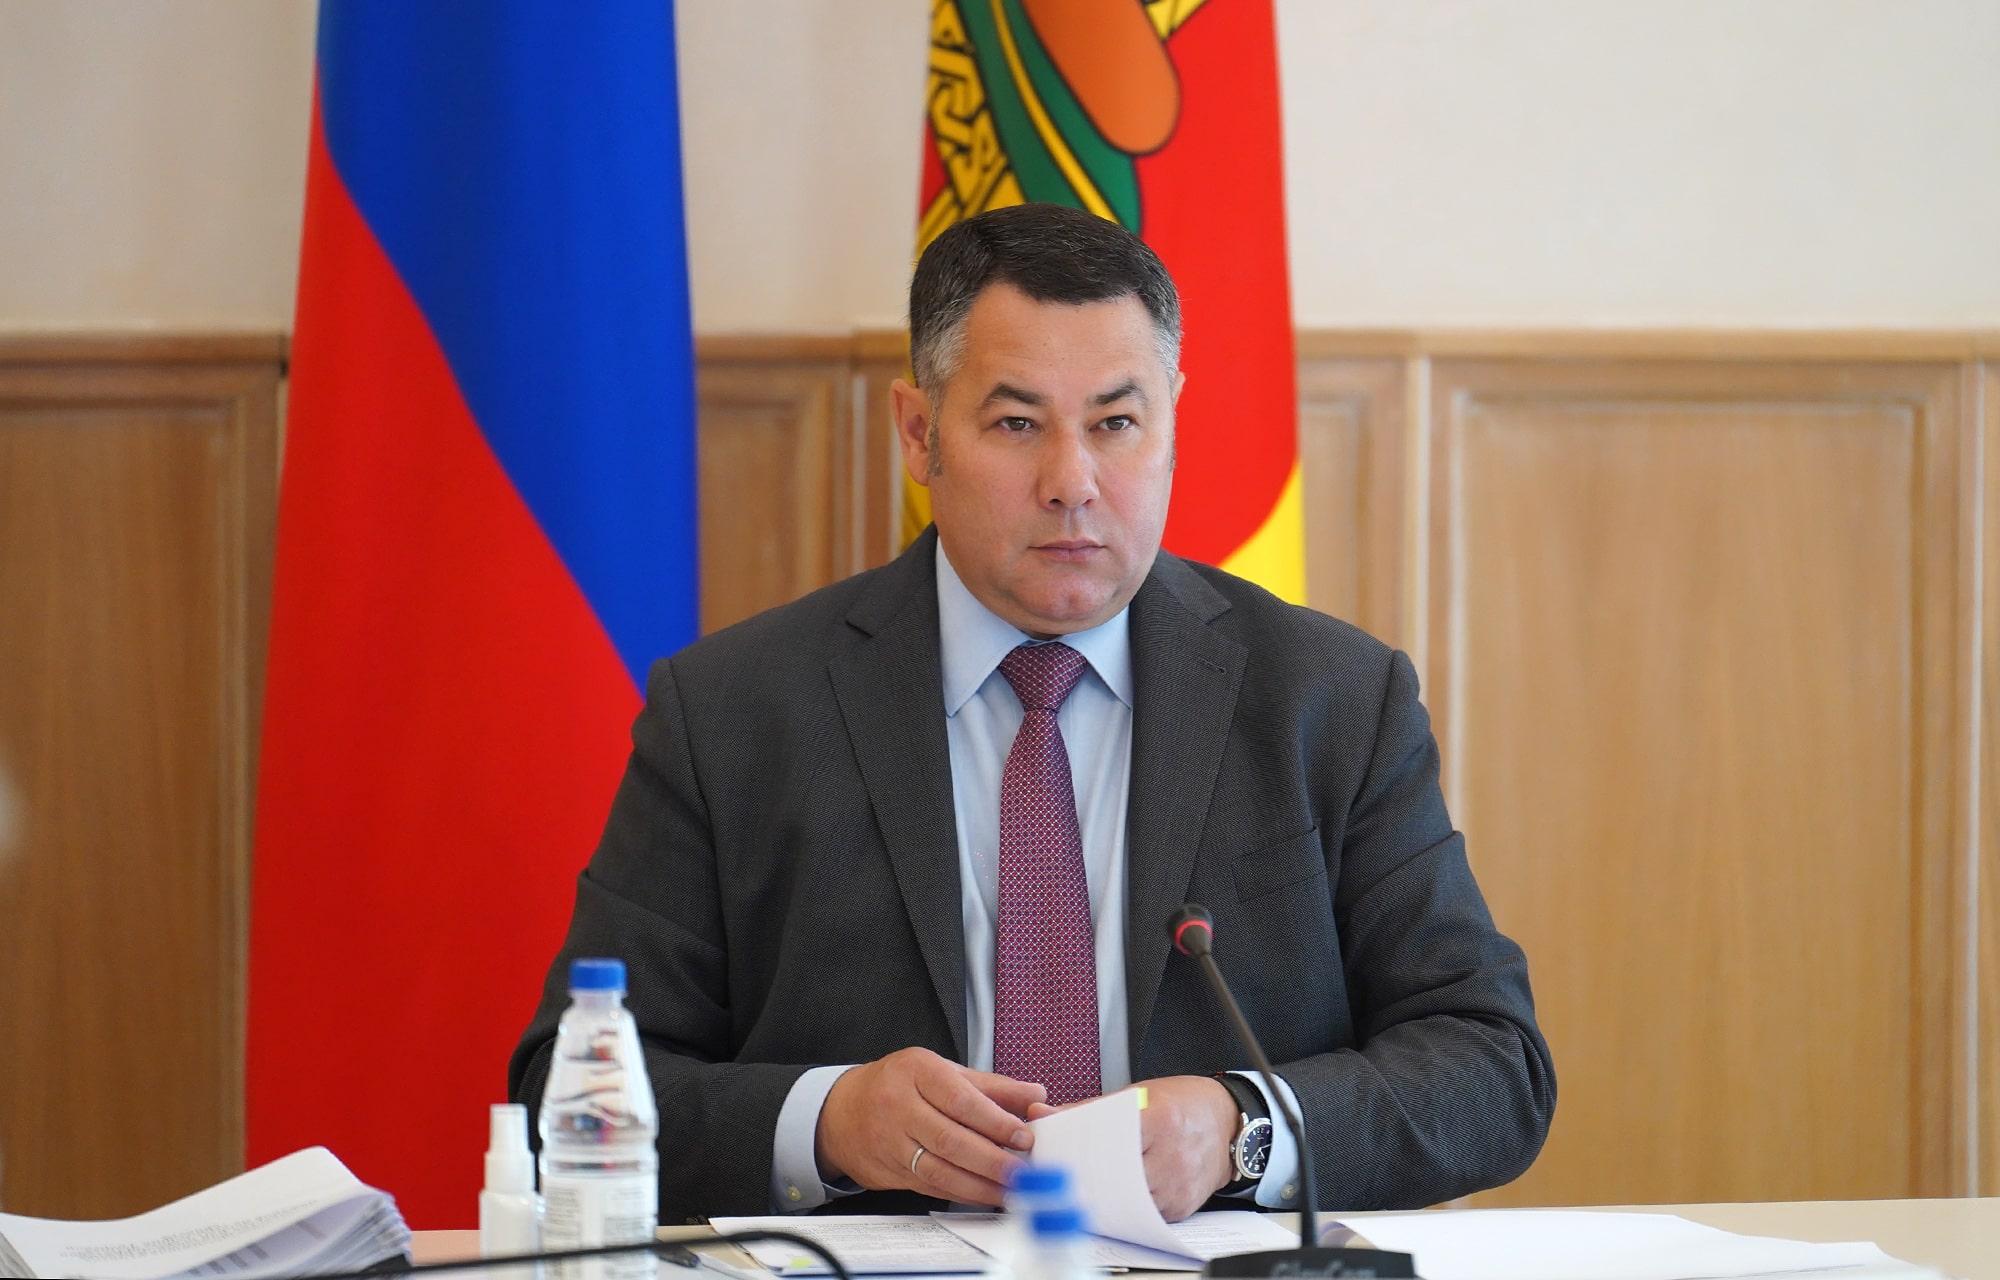 Больше 5 миллиардов рублей направят на поддержку жителей Тверской области с низким доходом